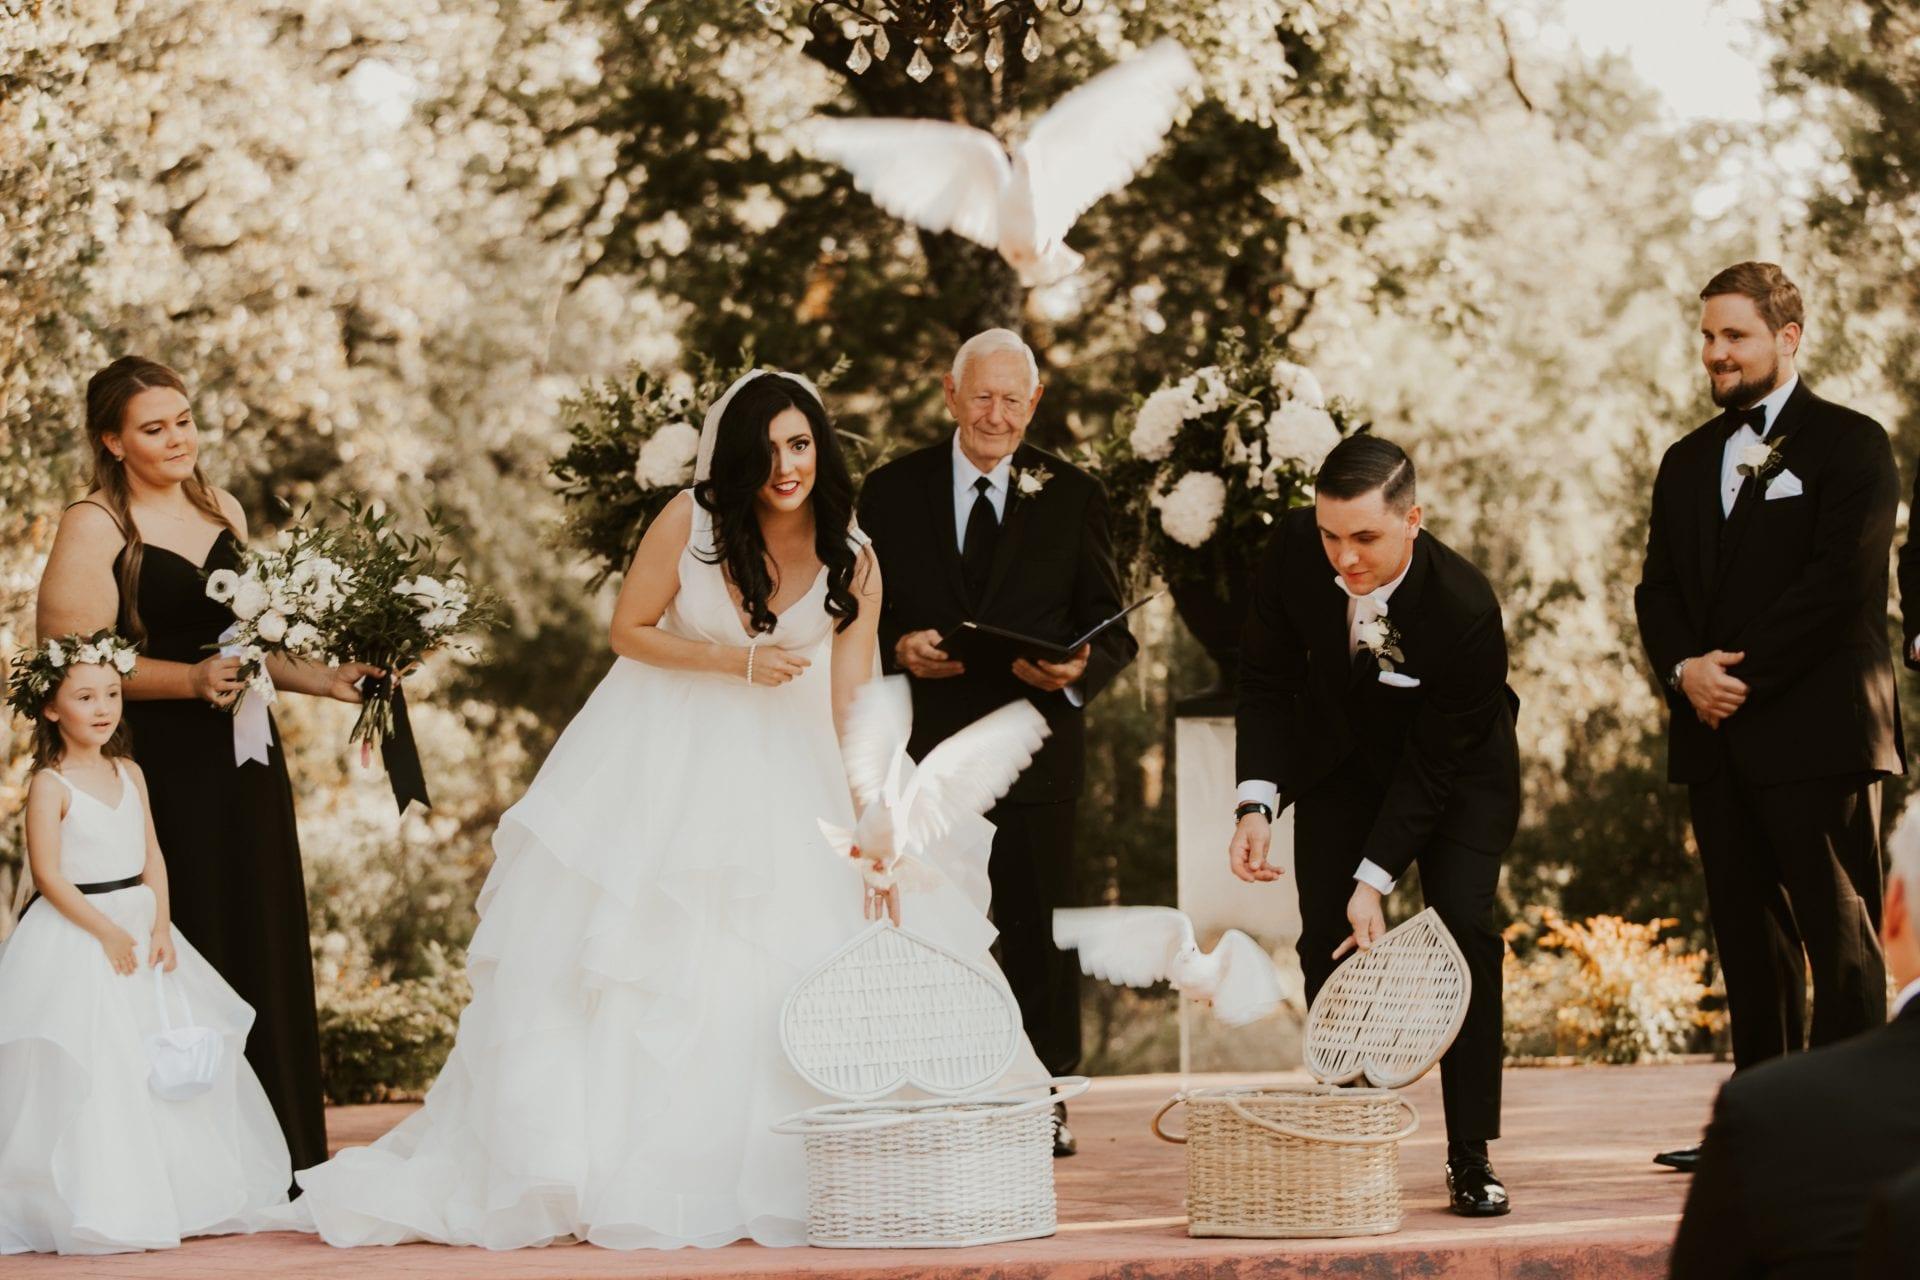 tsphoto cabell wedding 217 - Premier W.E.D.